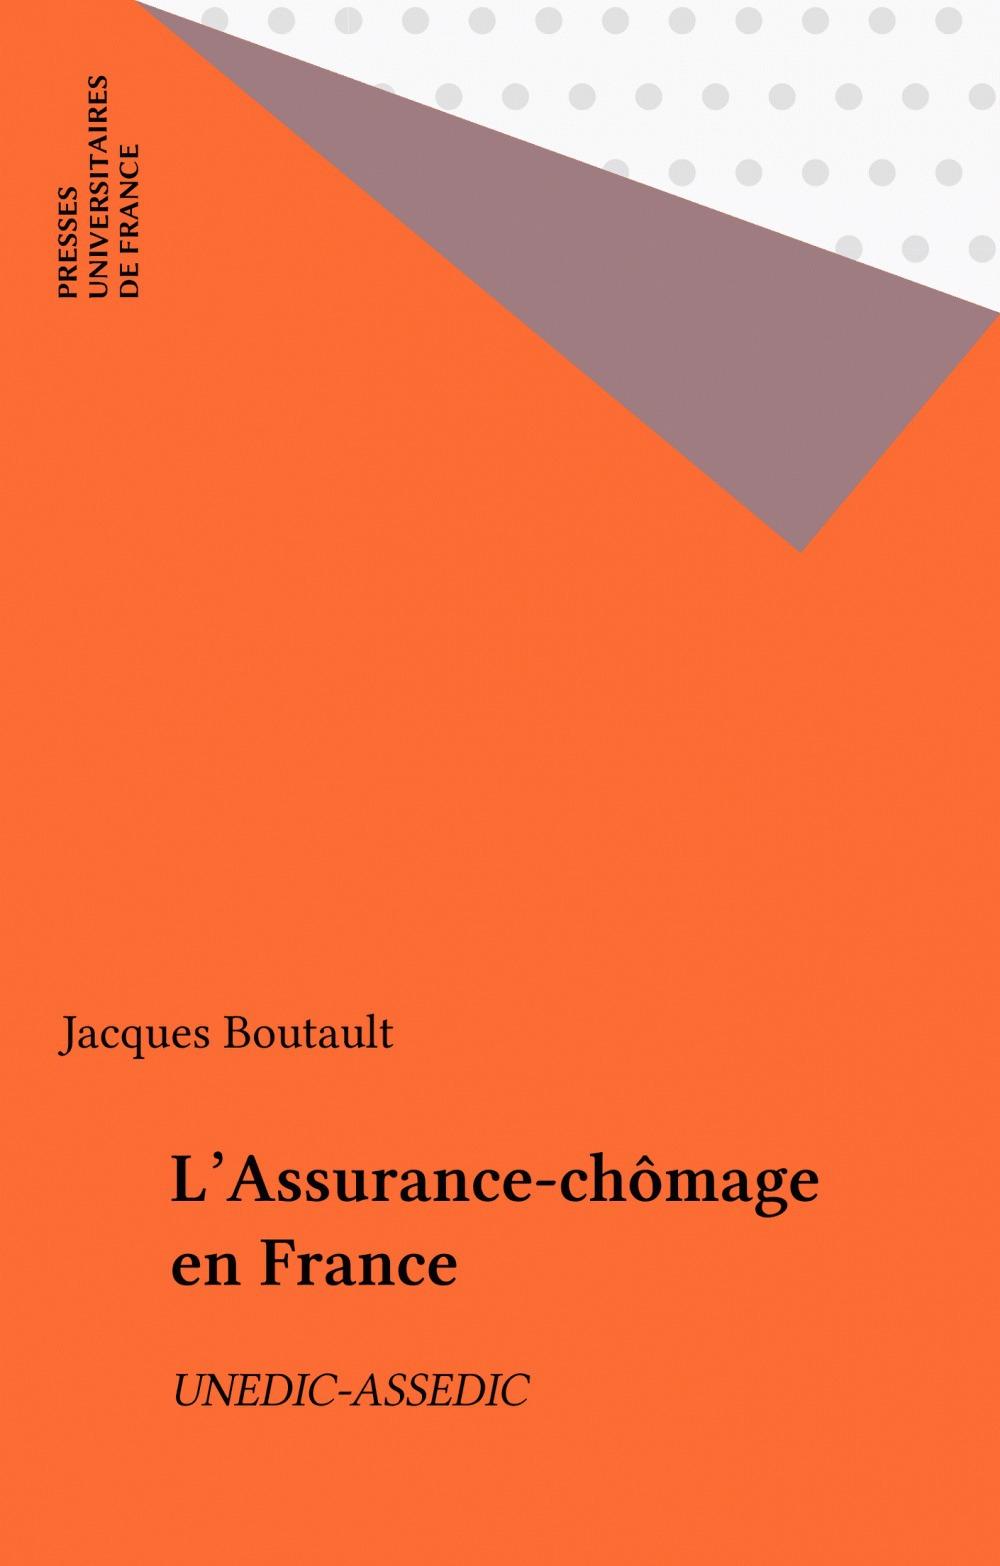 L'assurance chômage en France (Unedic-Assedic)